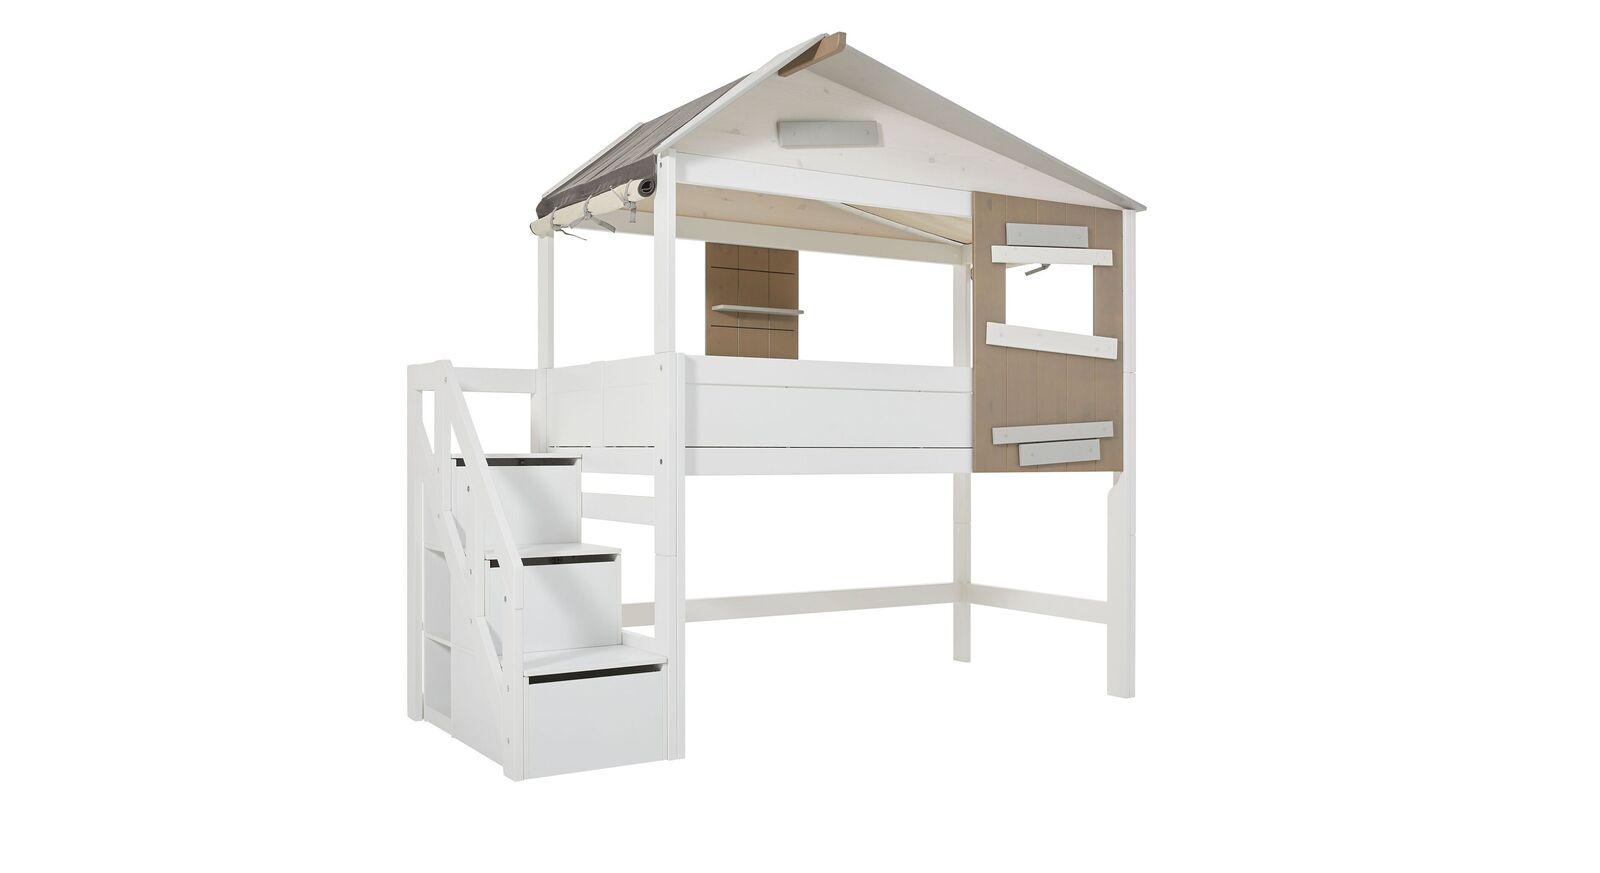 LIFETIME Midi-Hüttenbett Hideout mit Treppenmodul in Weiß lackiert